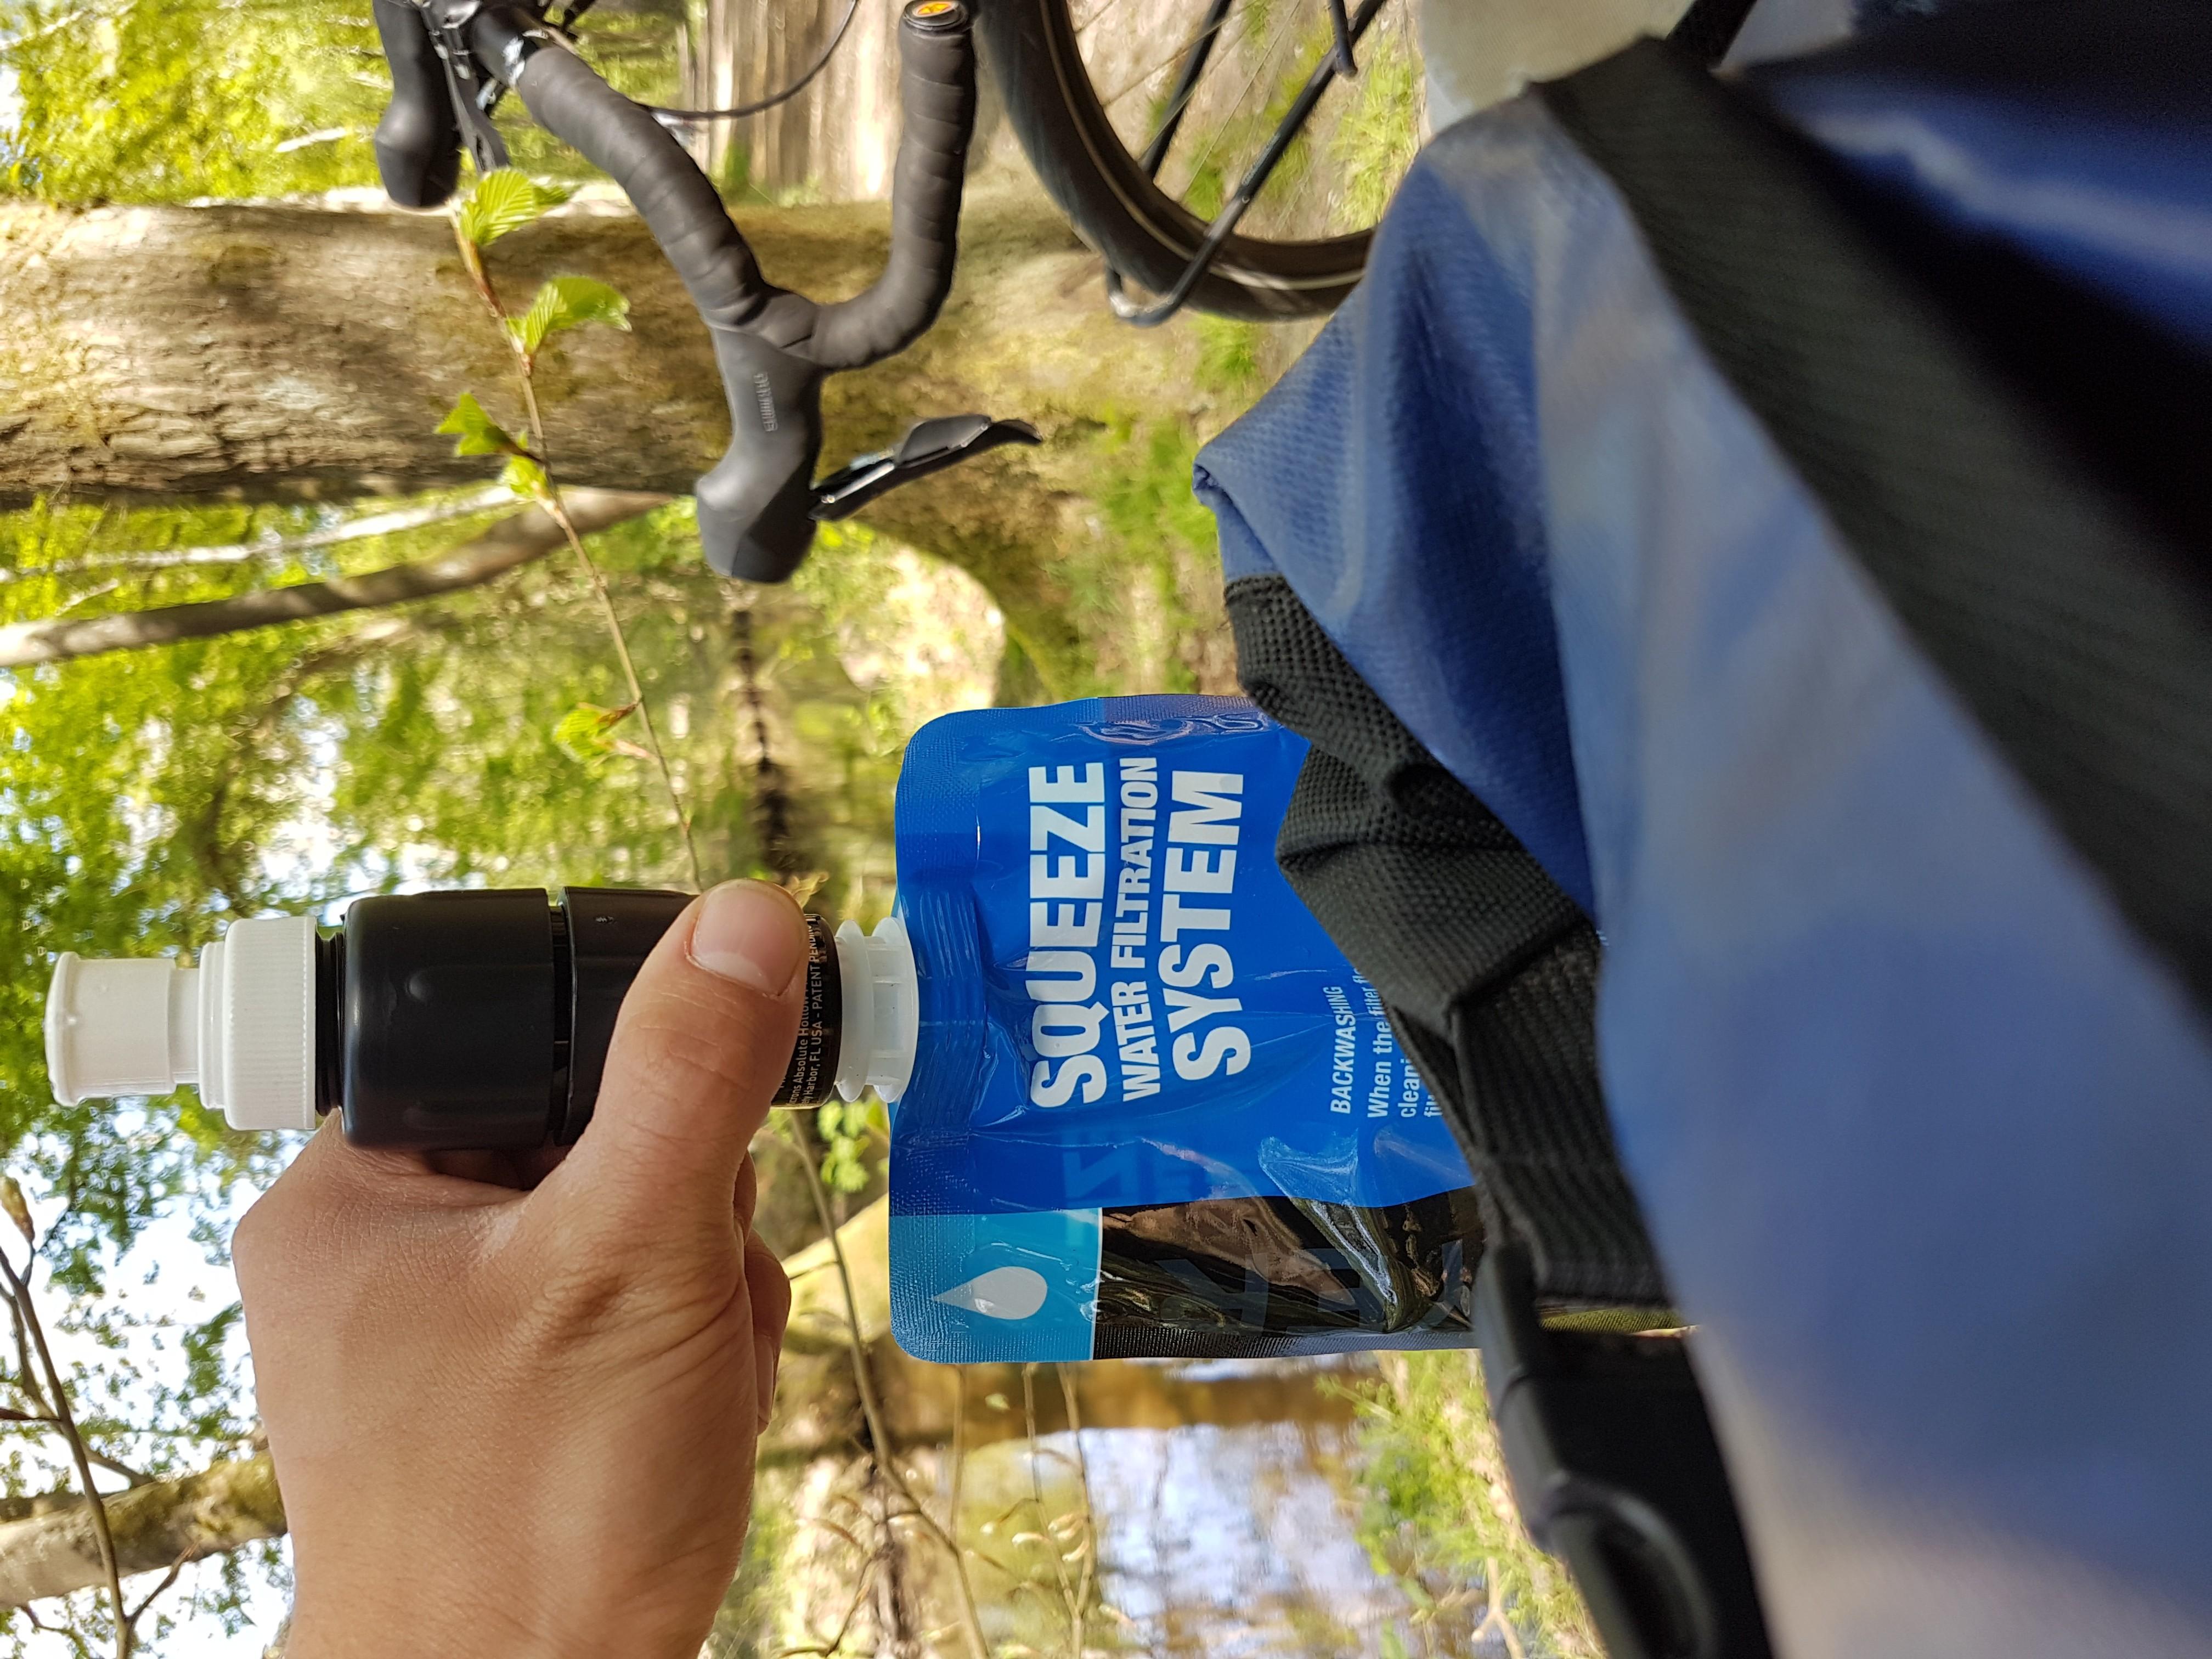 Sawyer Micro Squeeze Wasserfilter - schnell und super rein gefiltertes Wasser!